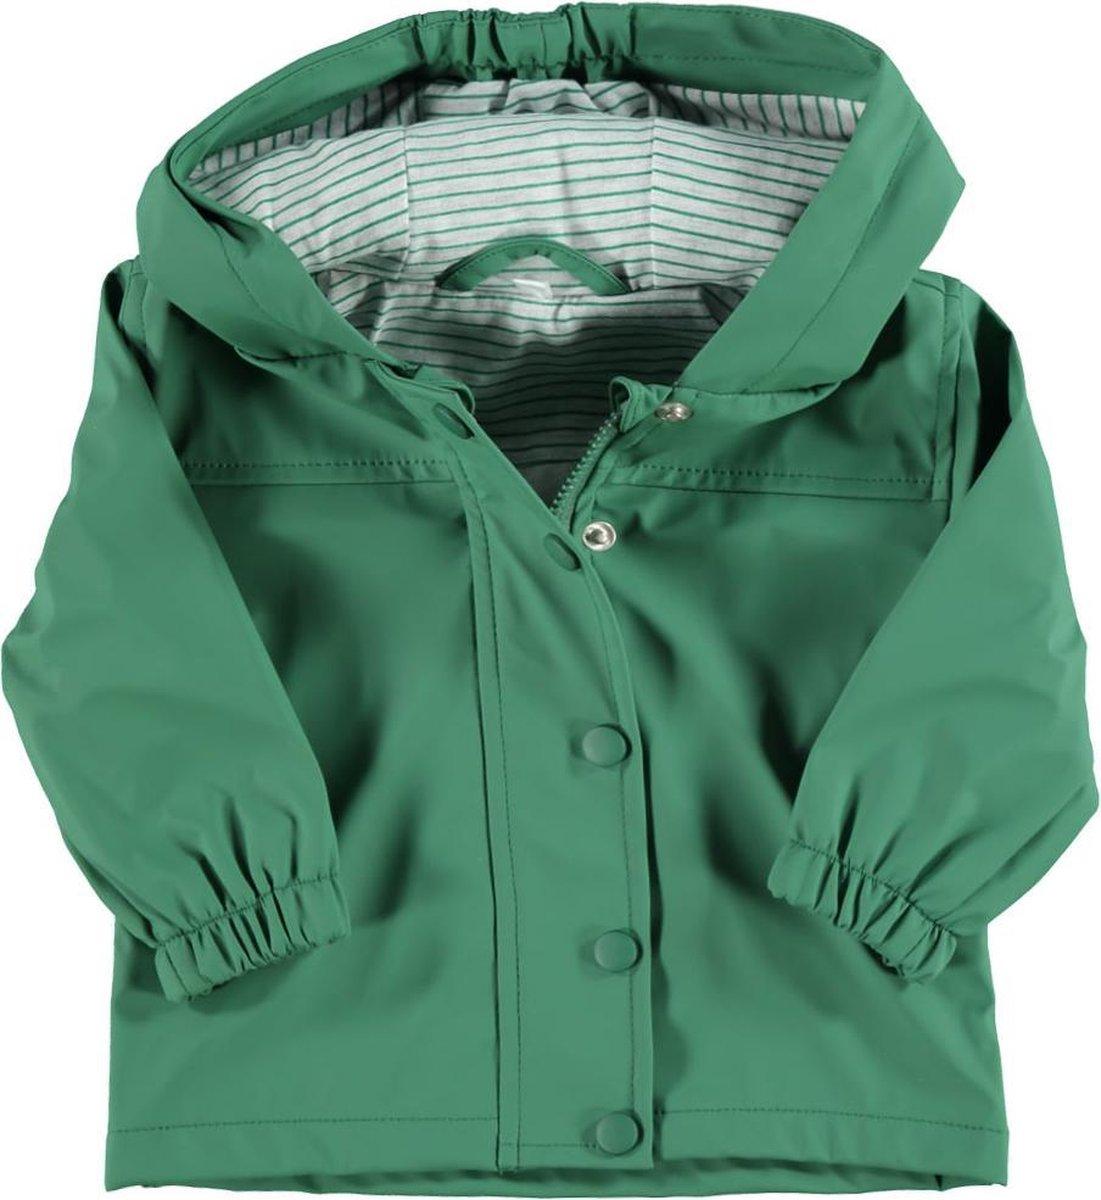 Zeeman baby regenjas - groen - maat 86